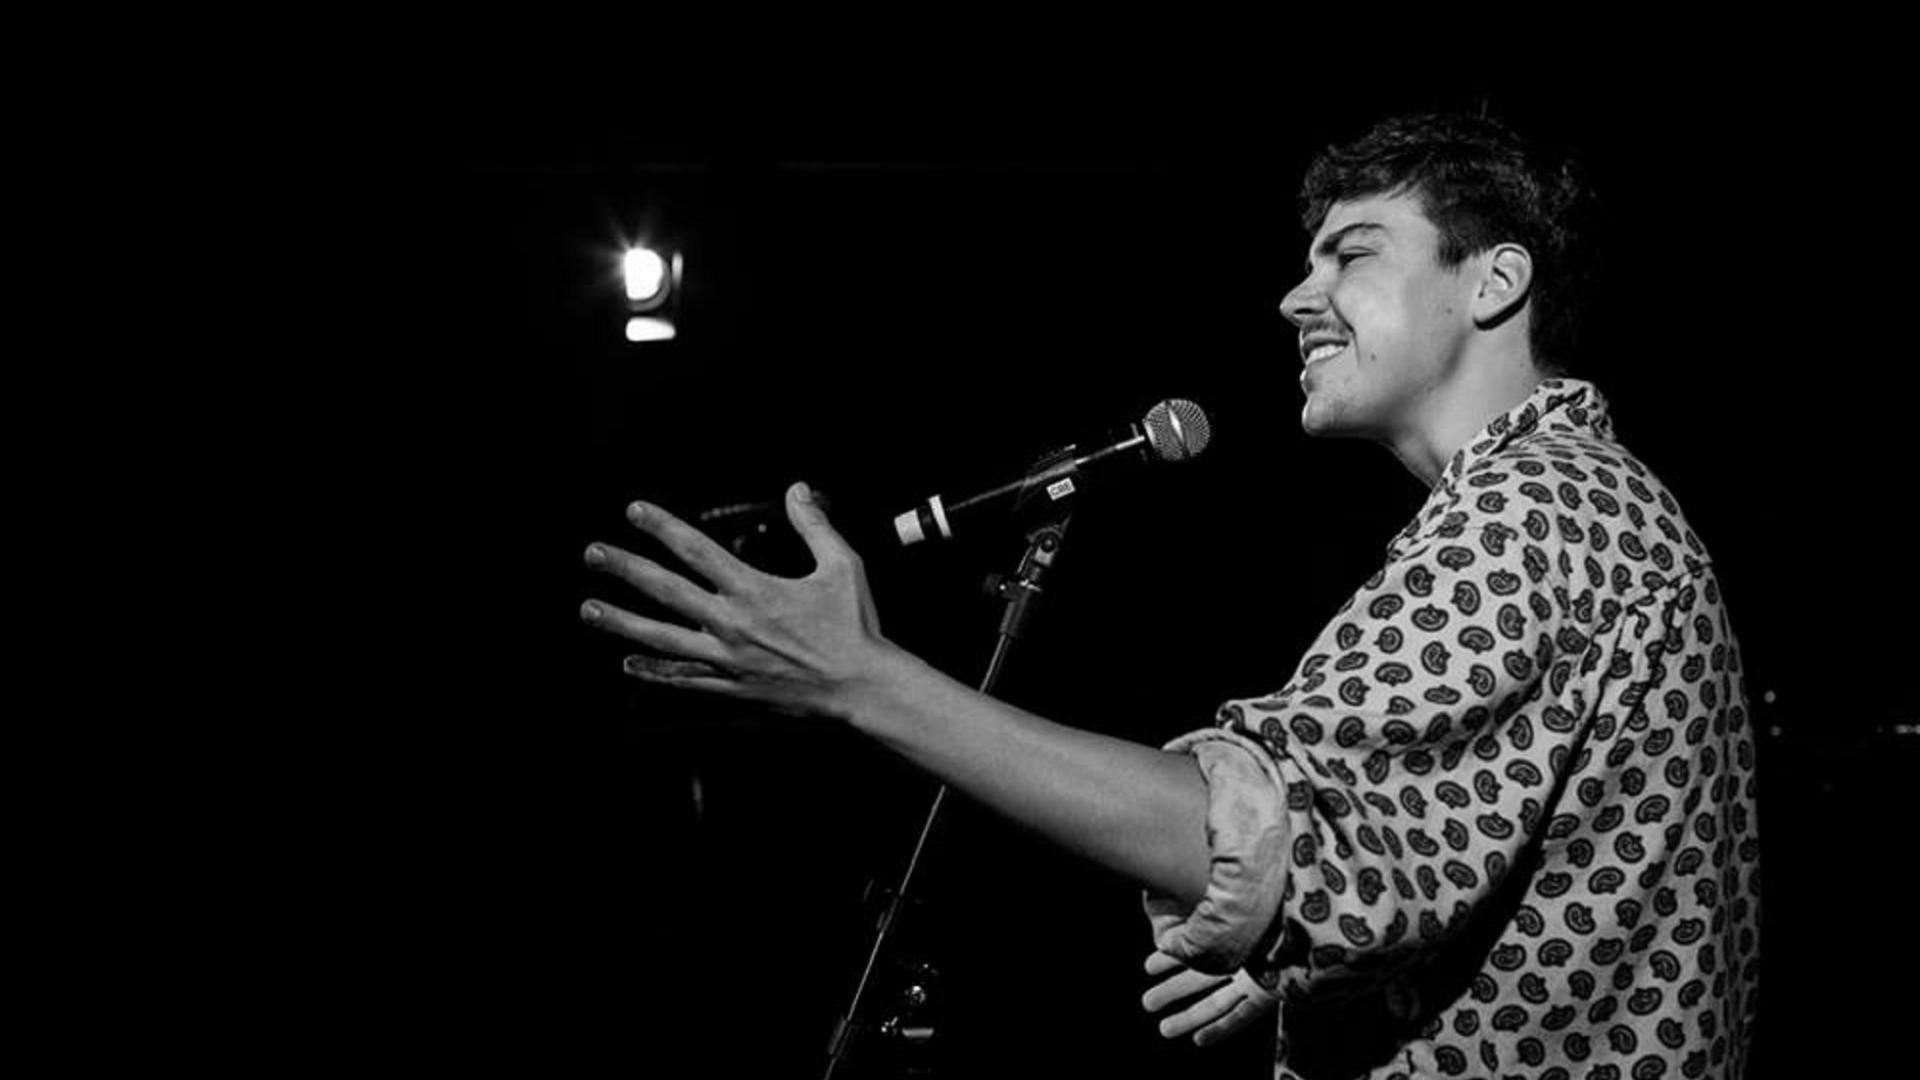 schwarz-weiß Fotografie von dunkelhaarigem lachendem Mann vor dem Mikro